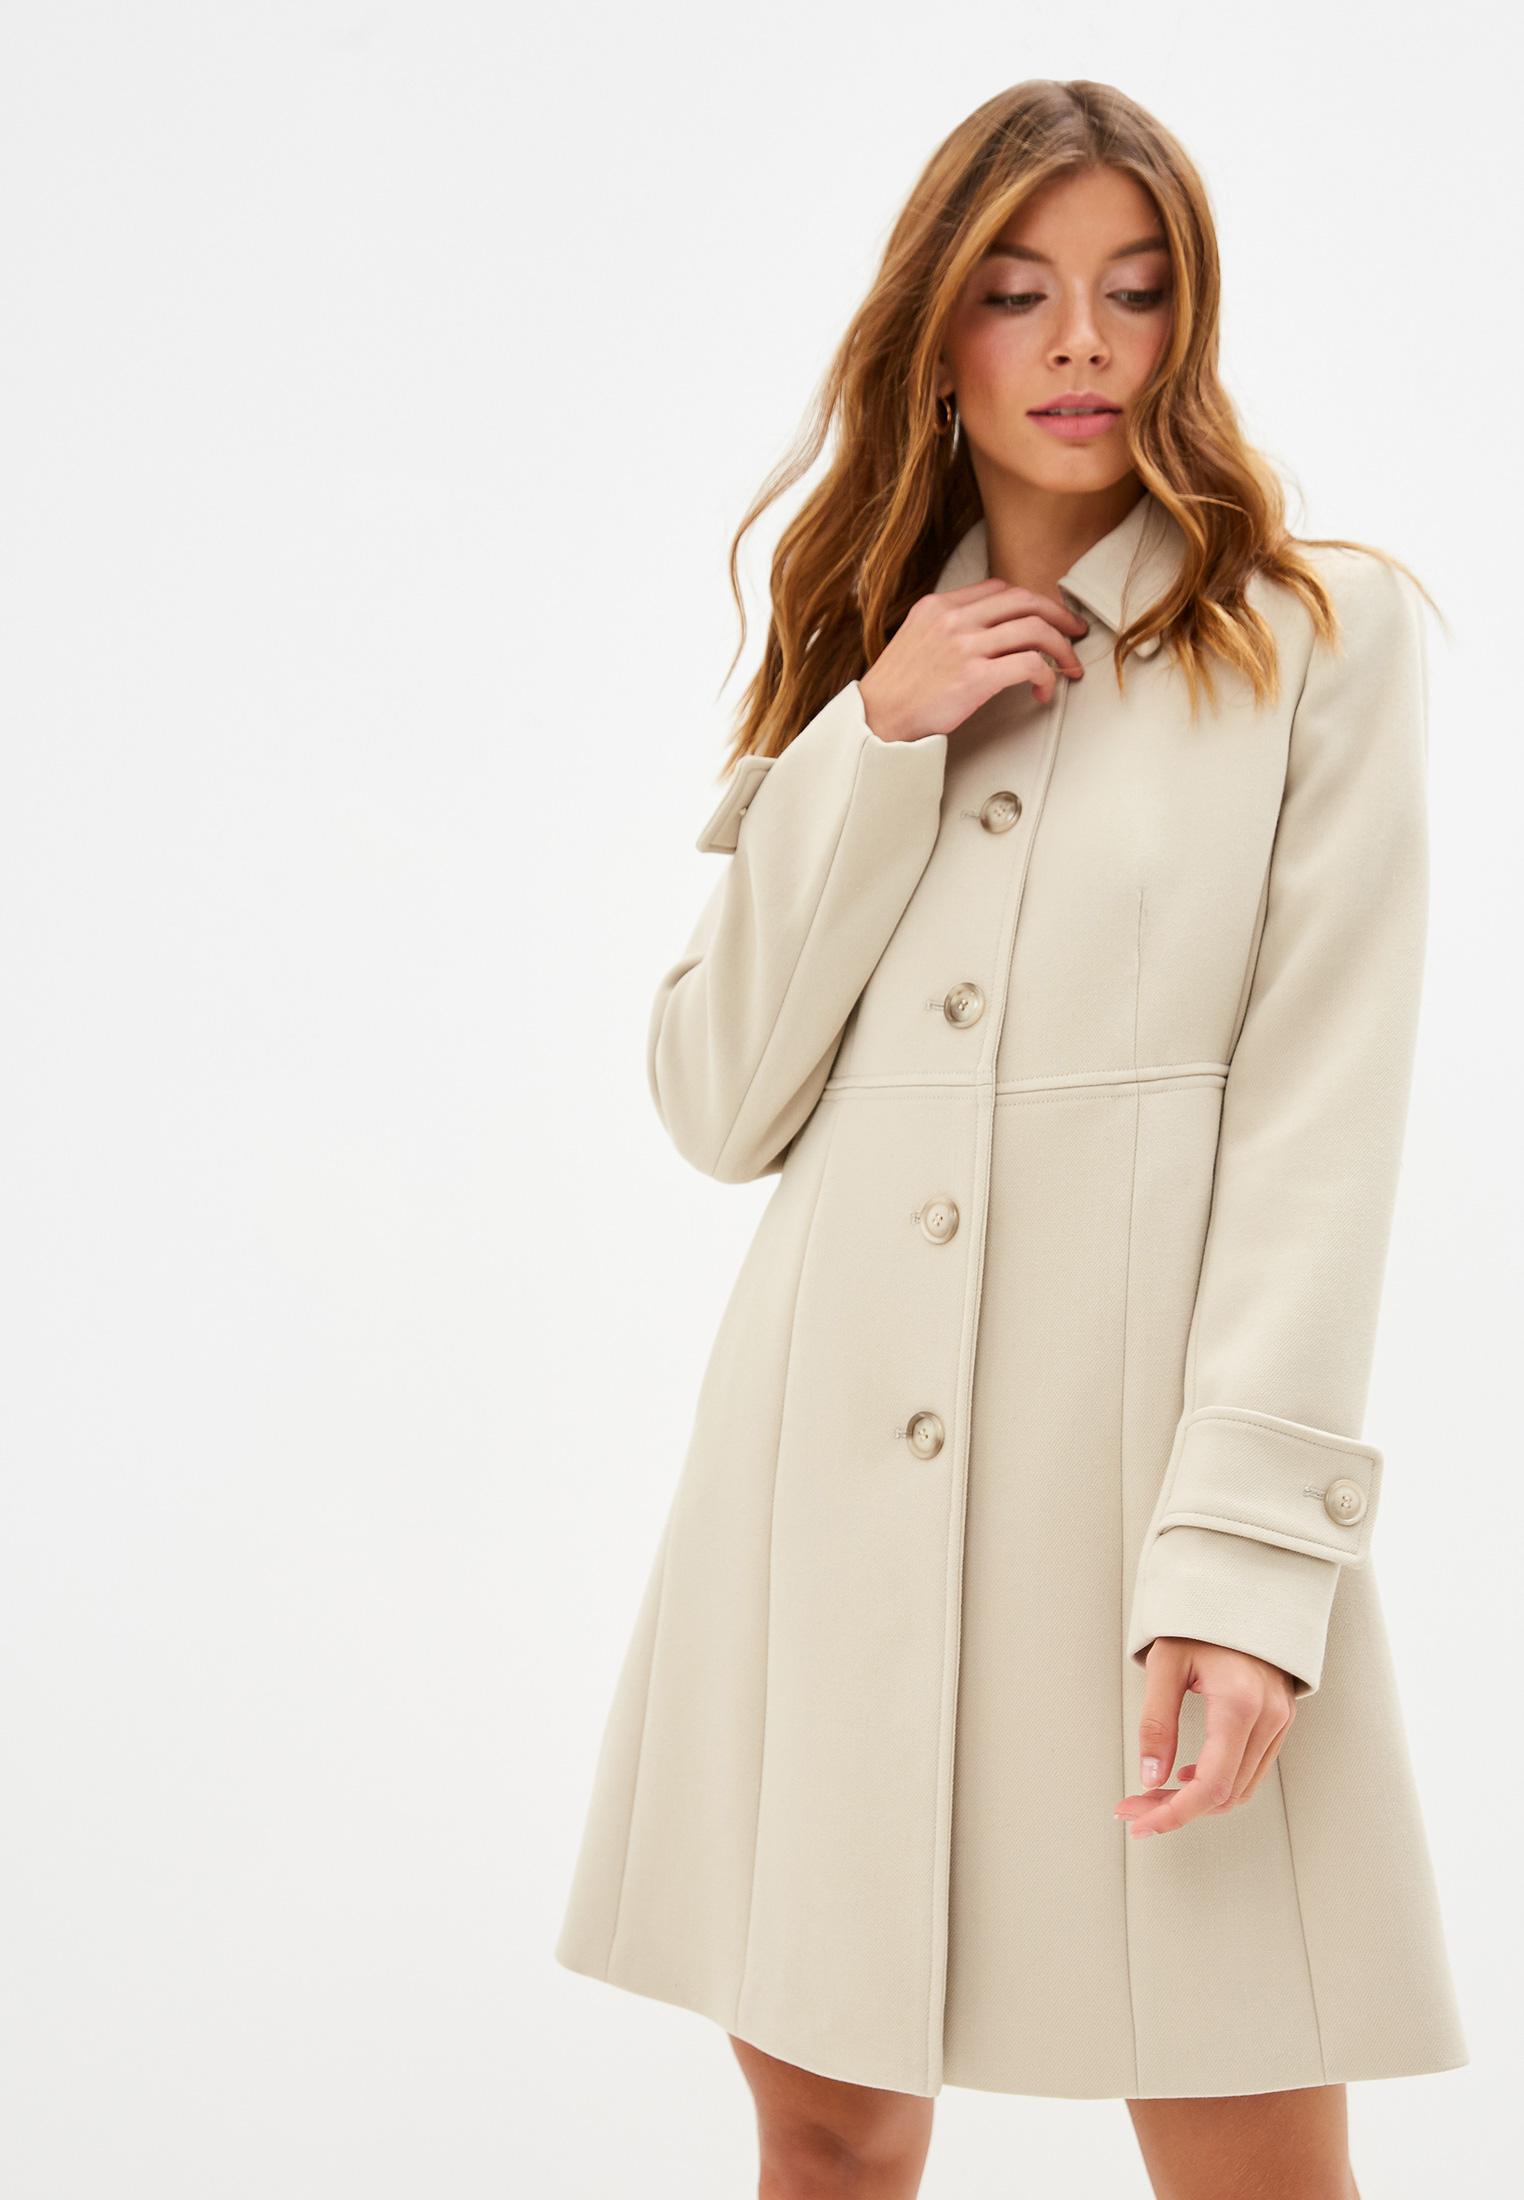 Картинки моделей пальто